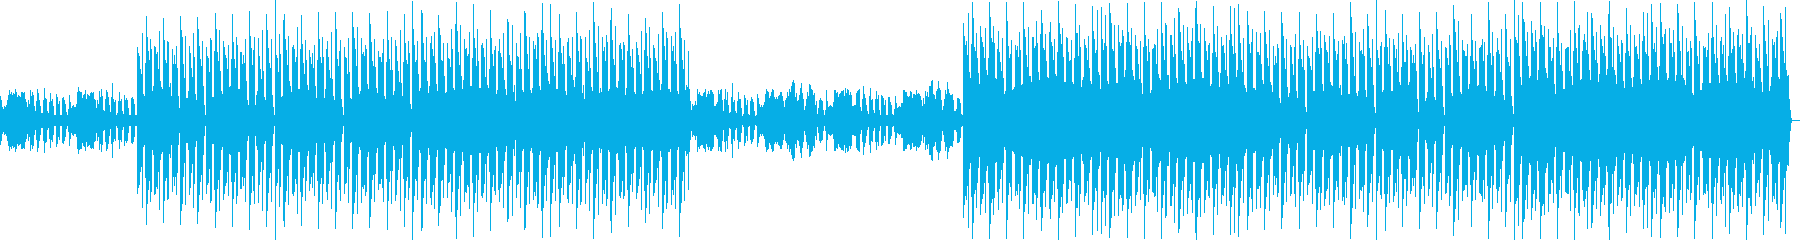 ダーク・ダーティー・EDM2の再生済みの波形